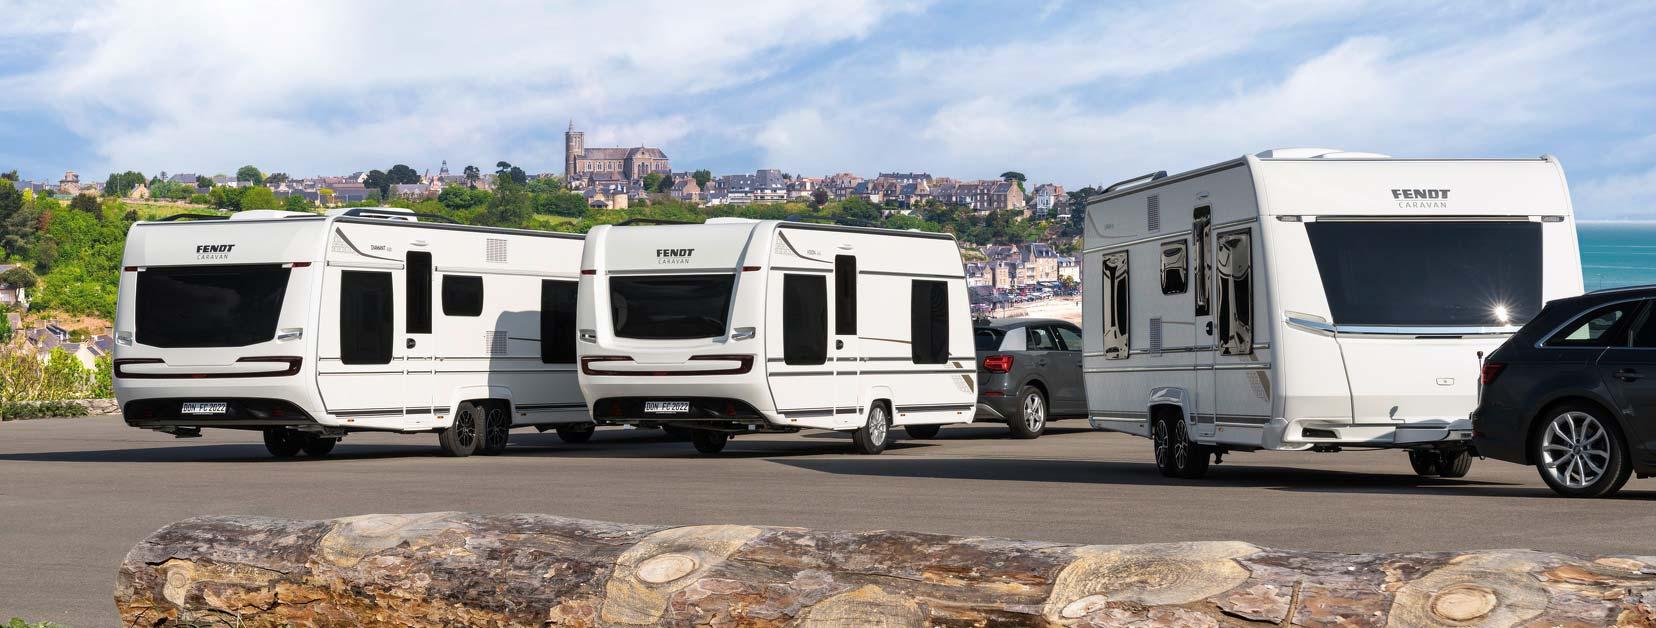 Fendt caravan 2022